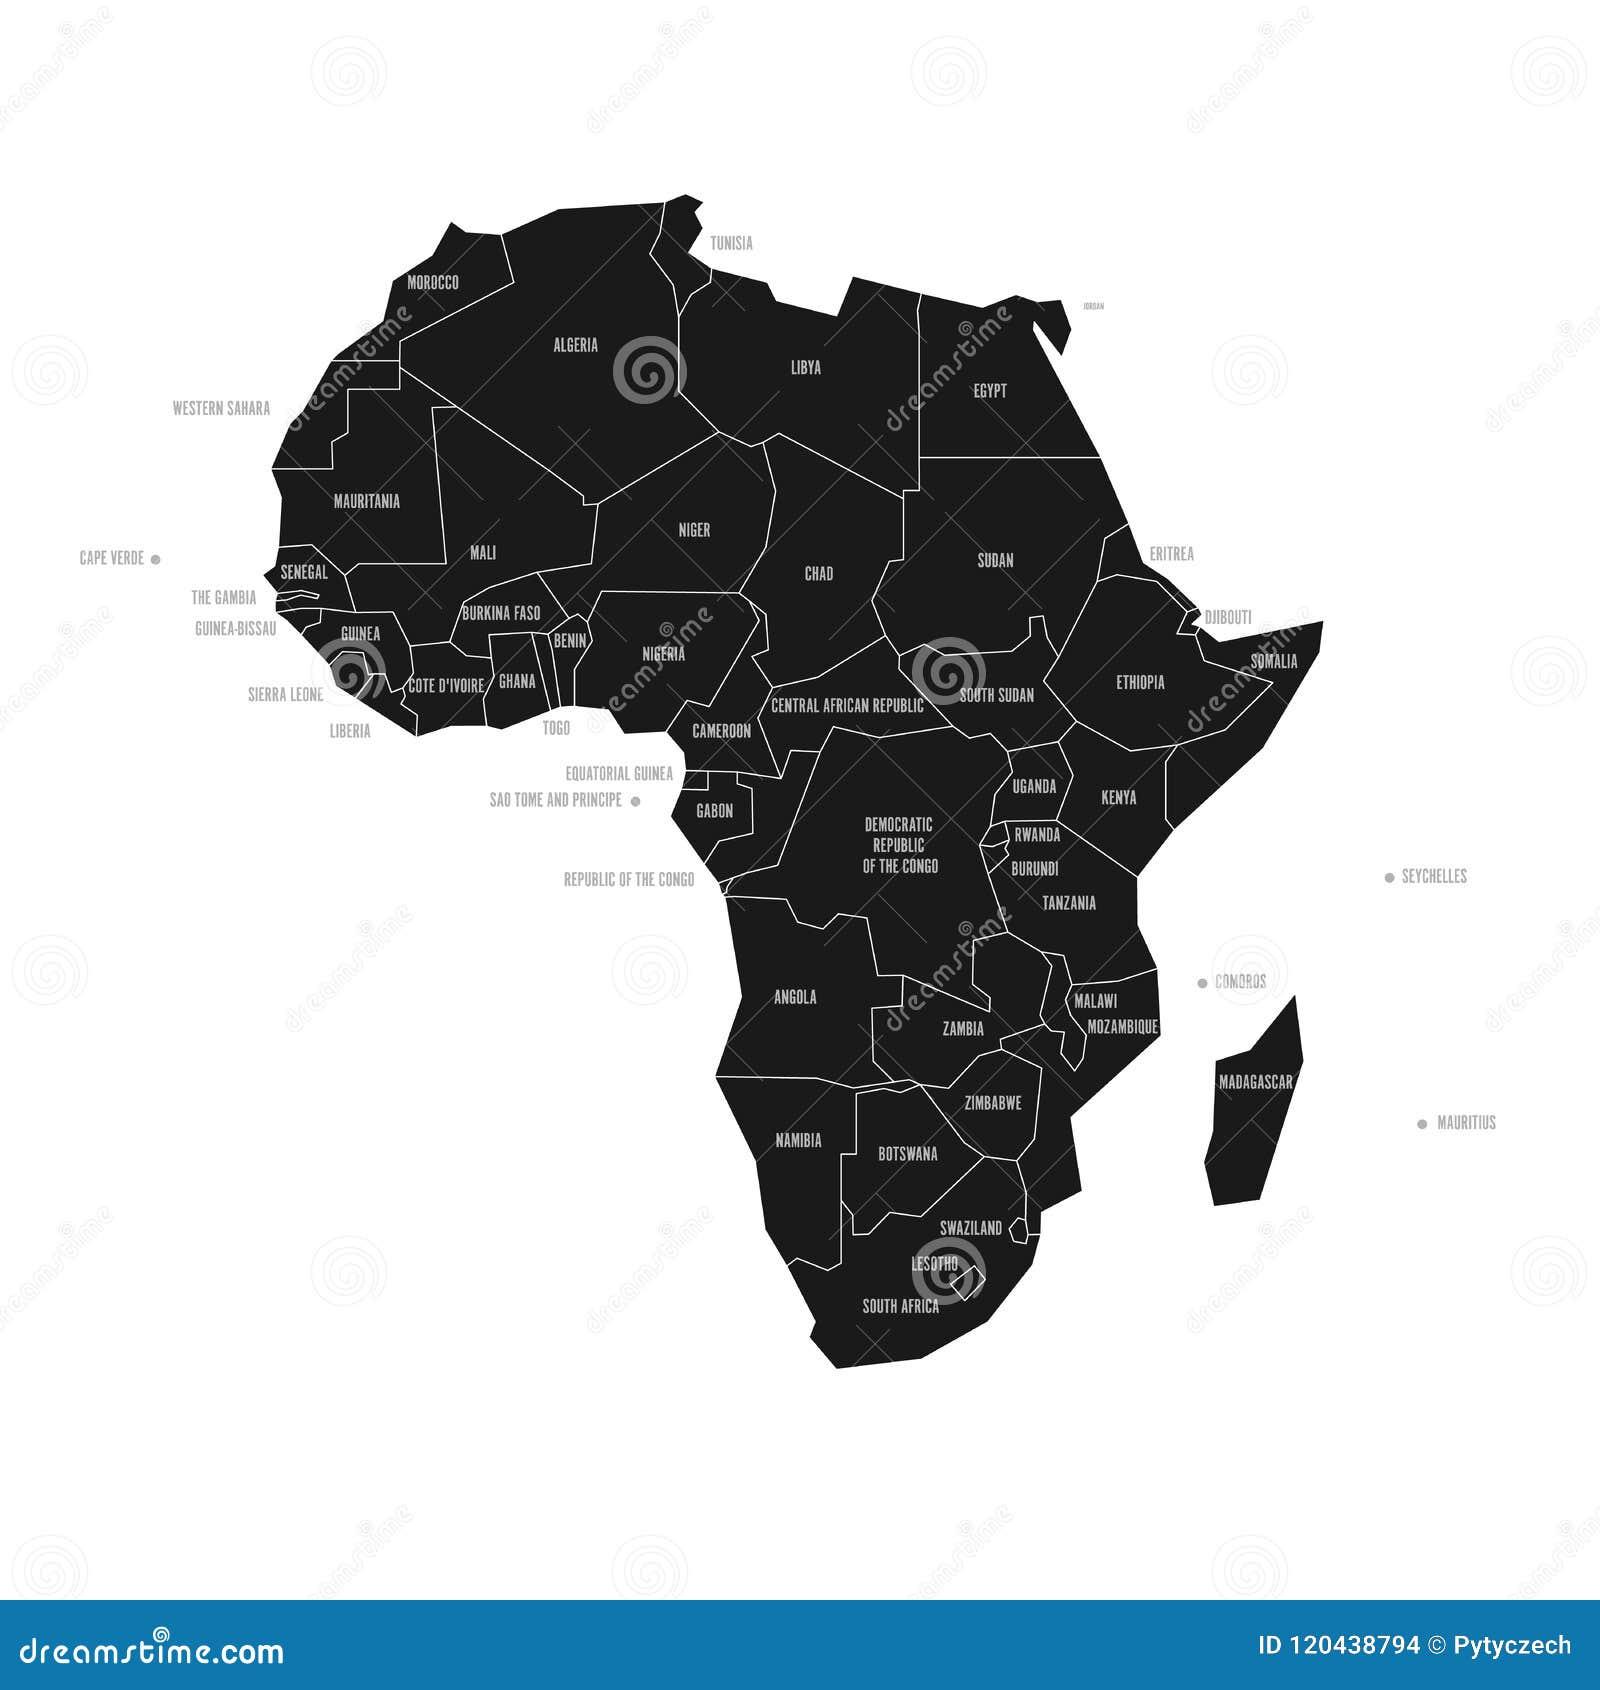 Cartina Dell Africa In Bianco E Nero.Mappa Schematica Semplificata Dell Africa Mappa Politica Di Vettore Nell Alto Contrasto Di In Bianco E Nero Illustrazione Vettoriale Illustrazione Di Concetto Naturalizzisi 120438794